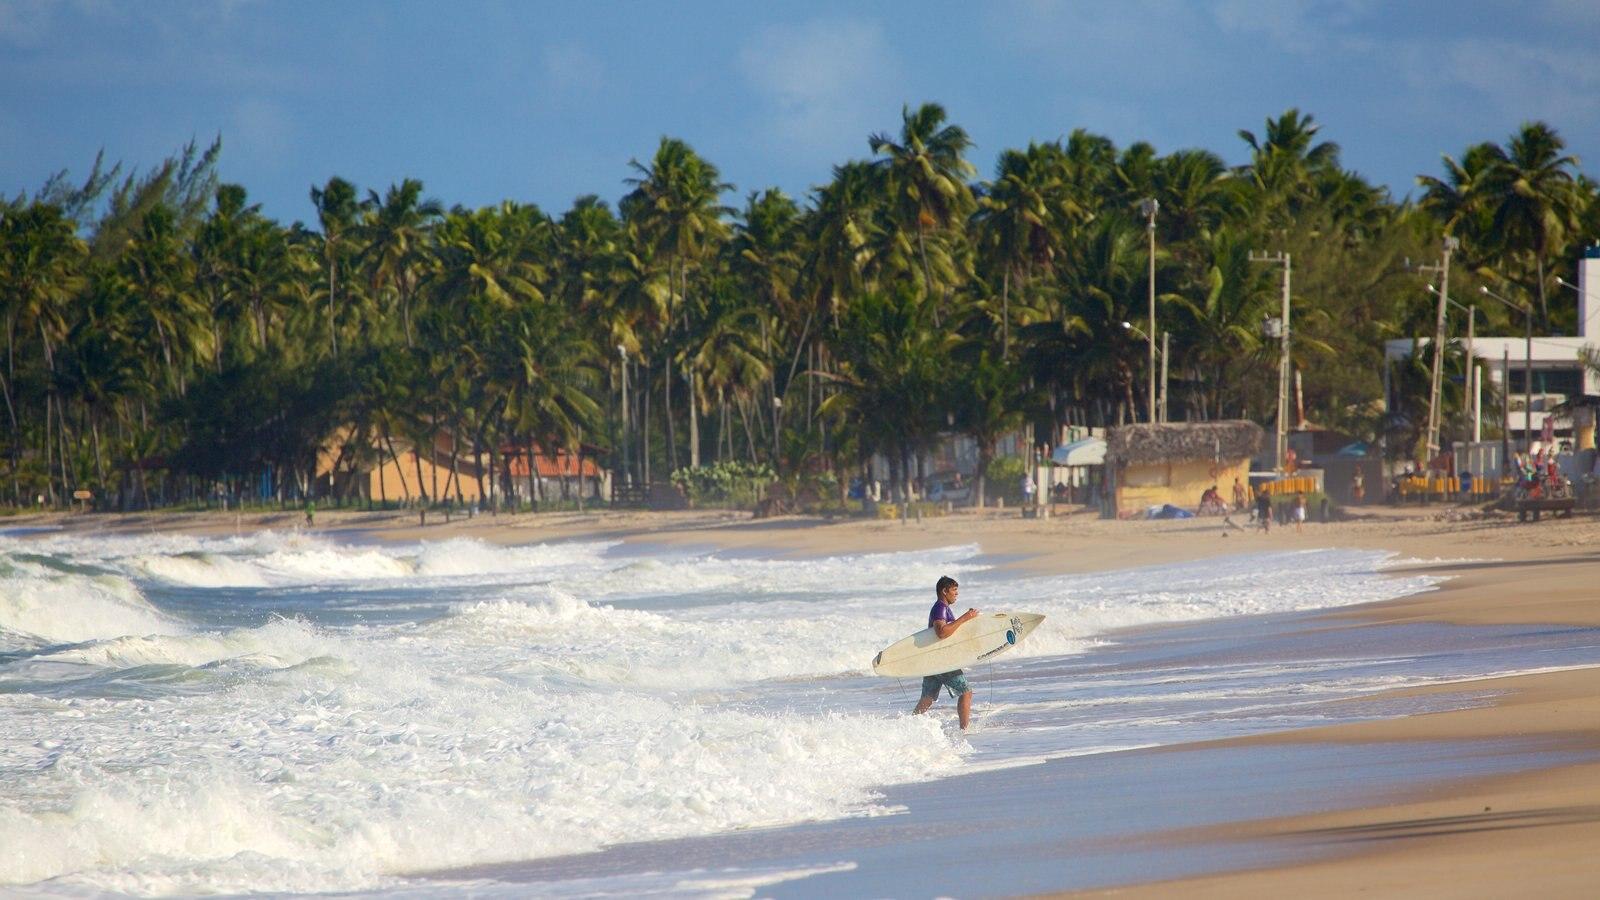 Praia de Maracaípe mostrando cenas tropicais, paisagens litorâneas e uma praia de areia